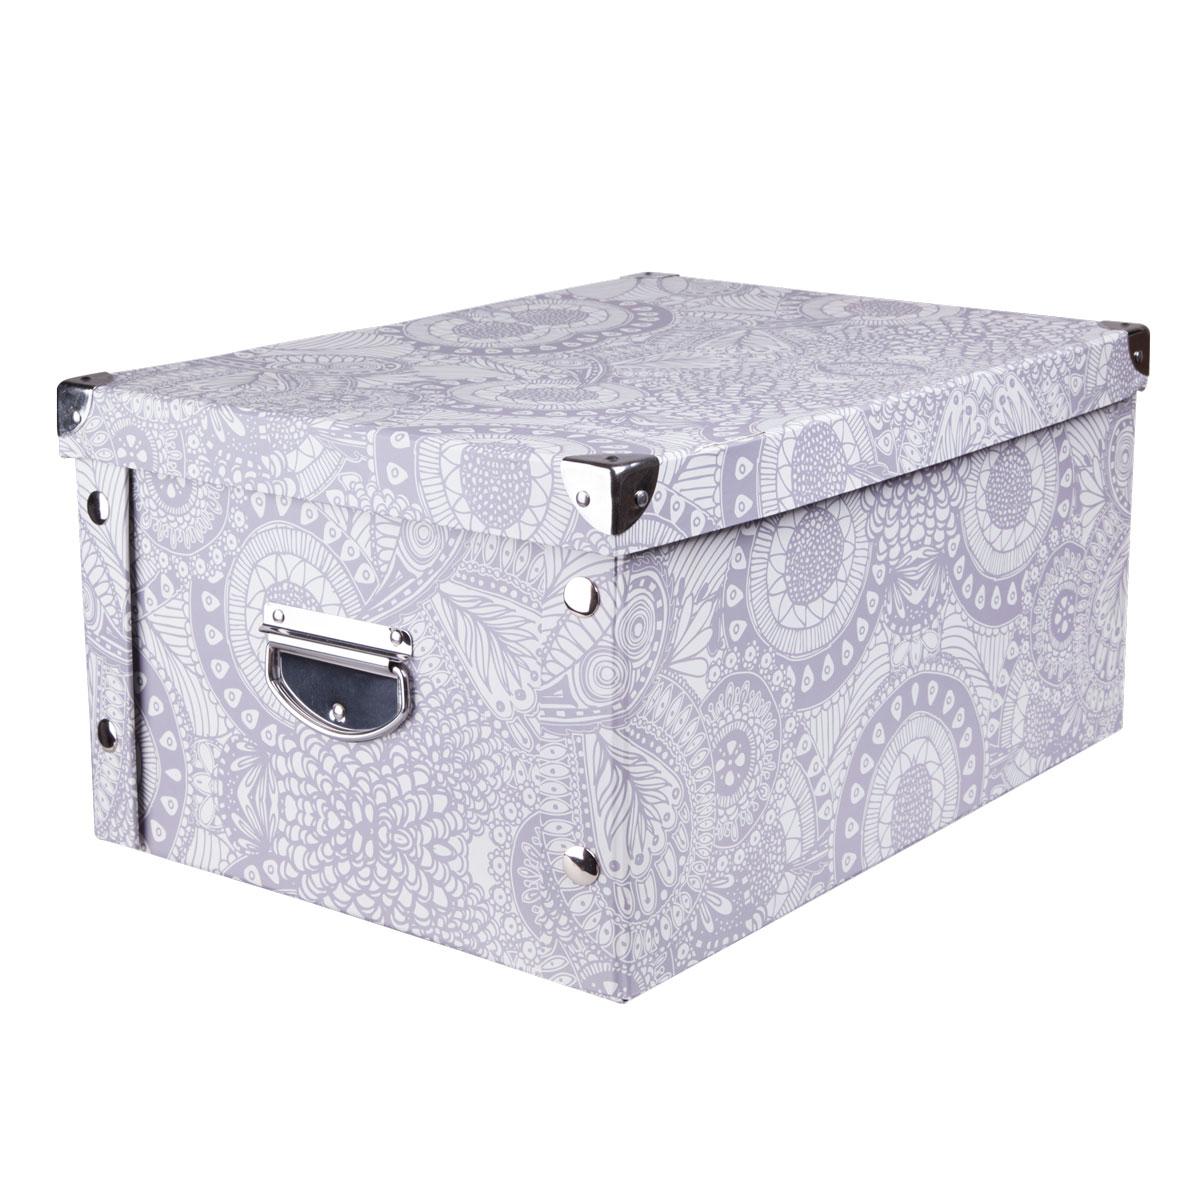 Коробка для хранения Miolla, 30 х 20 х 15 см. CFB-01S03301004Коробка для хранения Miolla прекрасно подойдет для хранения бытовых мелочей, документов, аксессуаров для рукоделия и других мелких предметов. Коробка поставляется в разобранном виде, легко и быстро складывается. Плотная крышка и удобные для переноски металлические ручки станут приятным дополнением к функциональным достоинствам коробки. Удобная крышка не даст ни одной вещи потеряться, а оптимальный размер подойдет для любого шкафа или полки.Компактная, но при этом вместительная коробка для хранения станет яркой нотой в вашем интерьере.